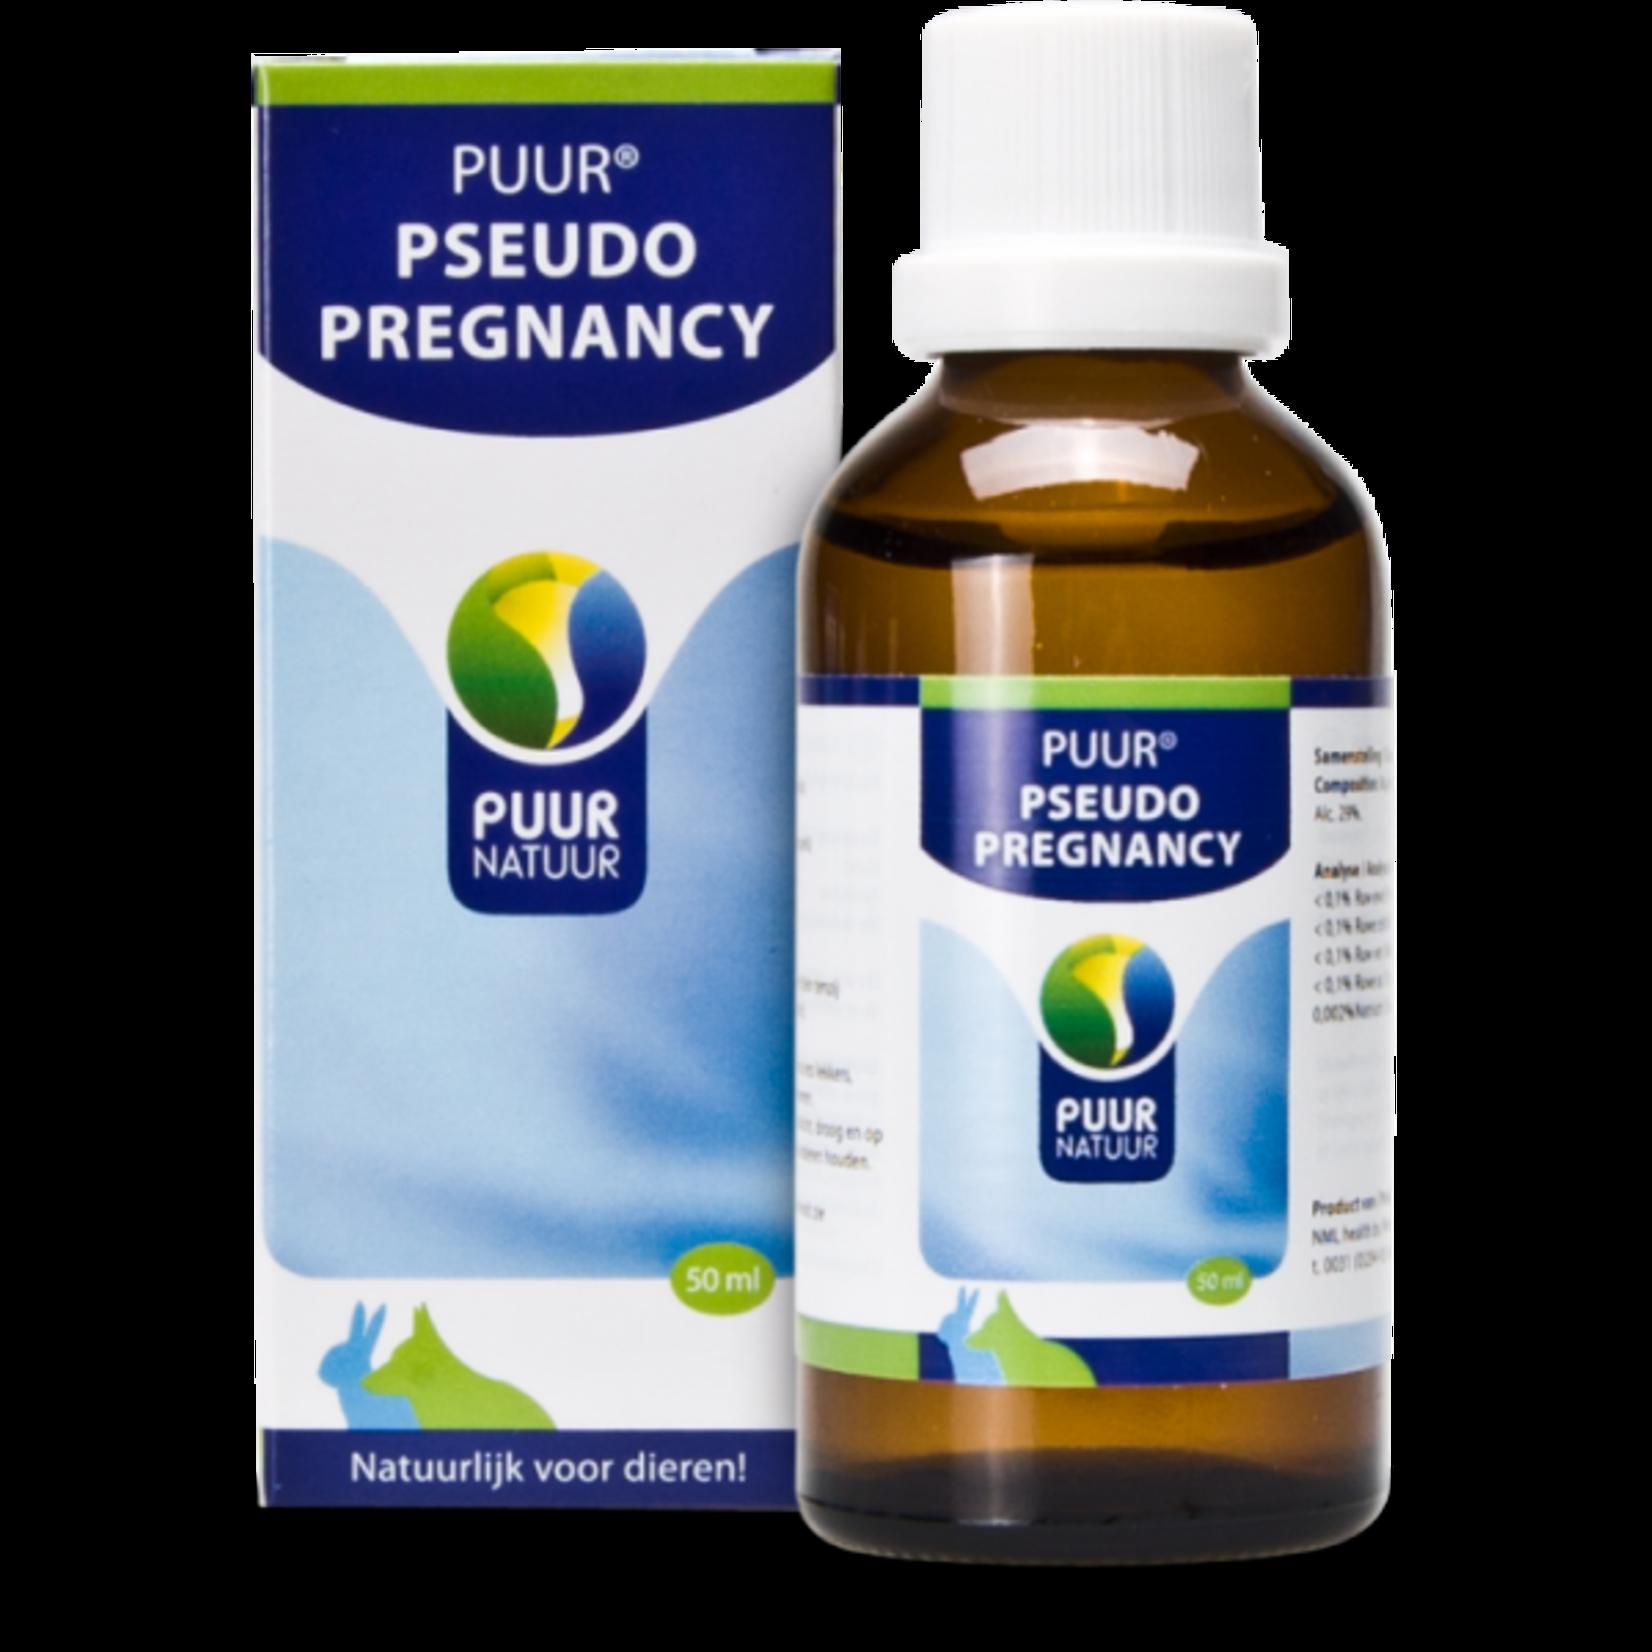 PUUR Puur Psuedo Pregnancy /schijnzwanger